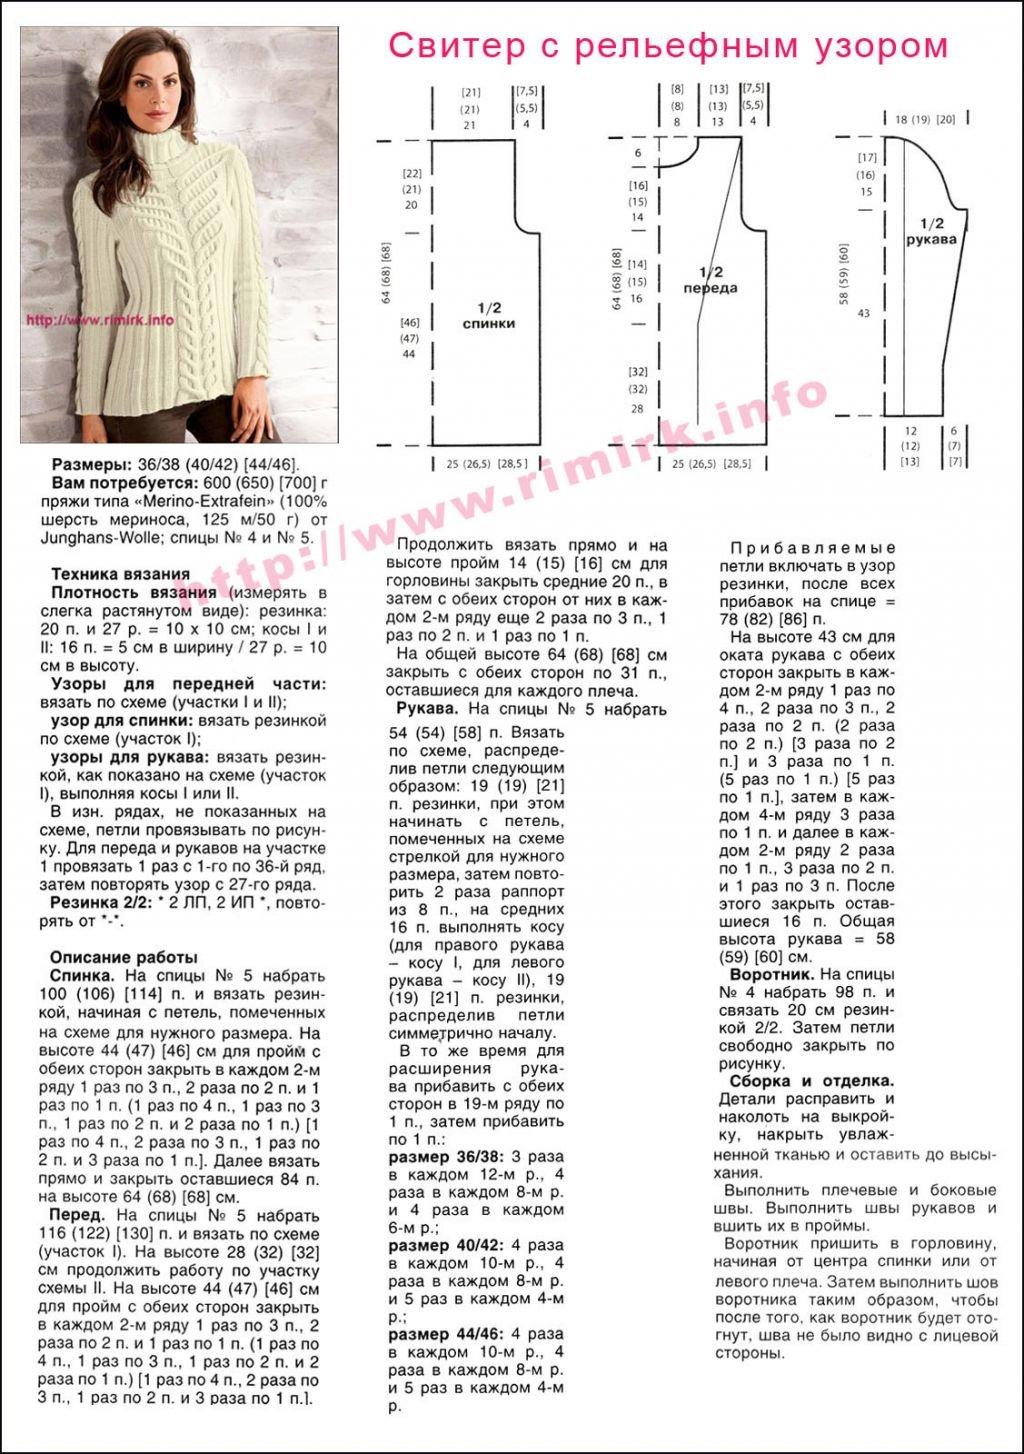 Вязание спицами. Галерея женских вязаных моделей